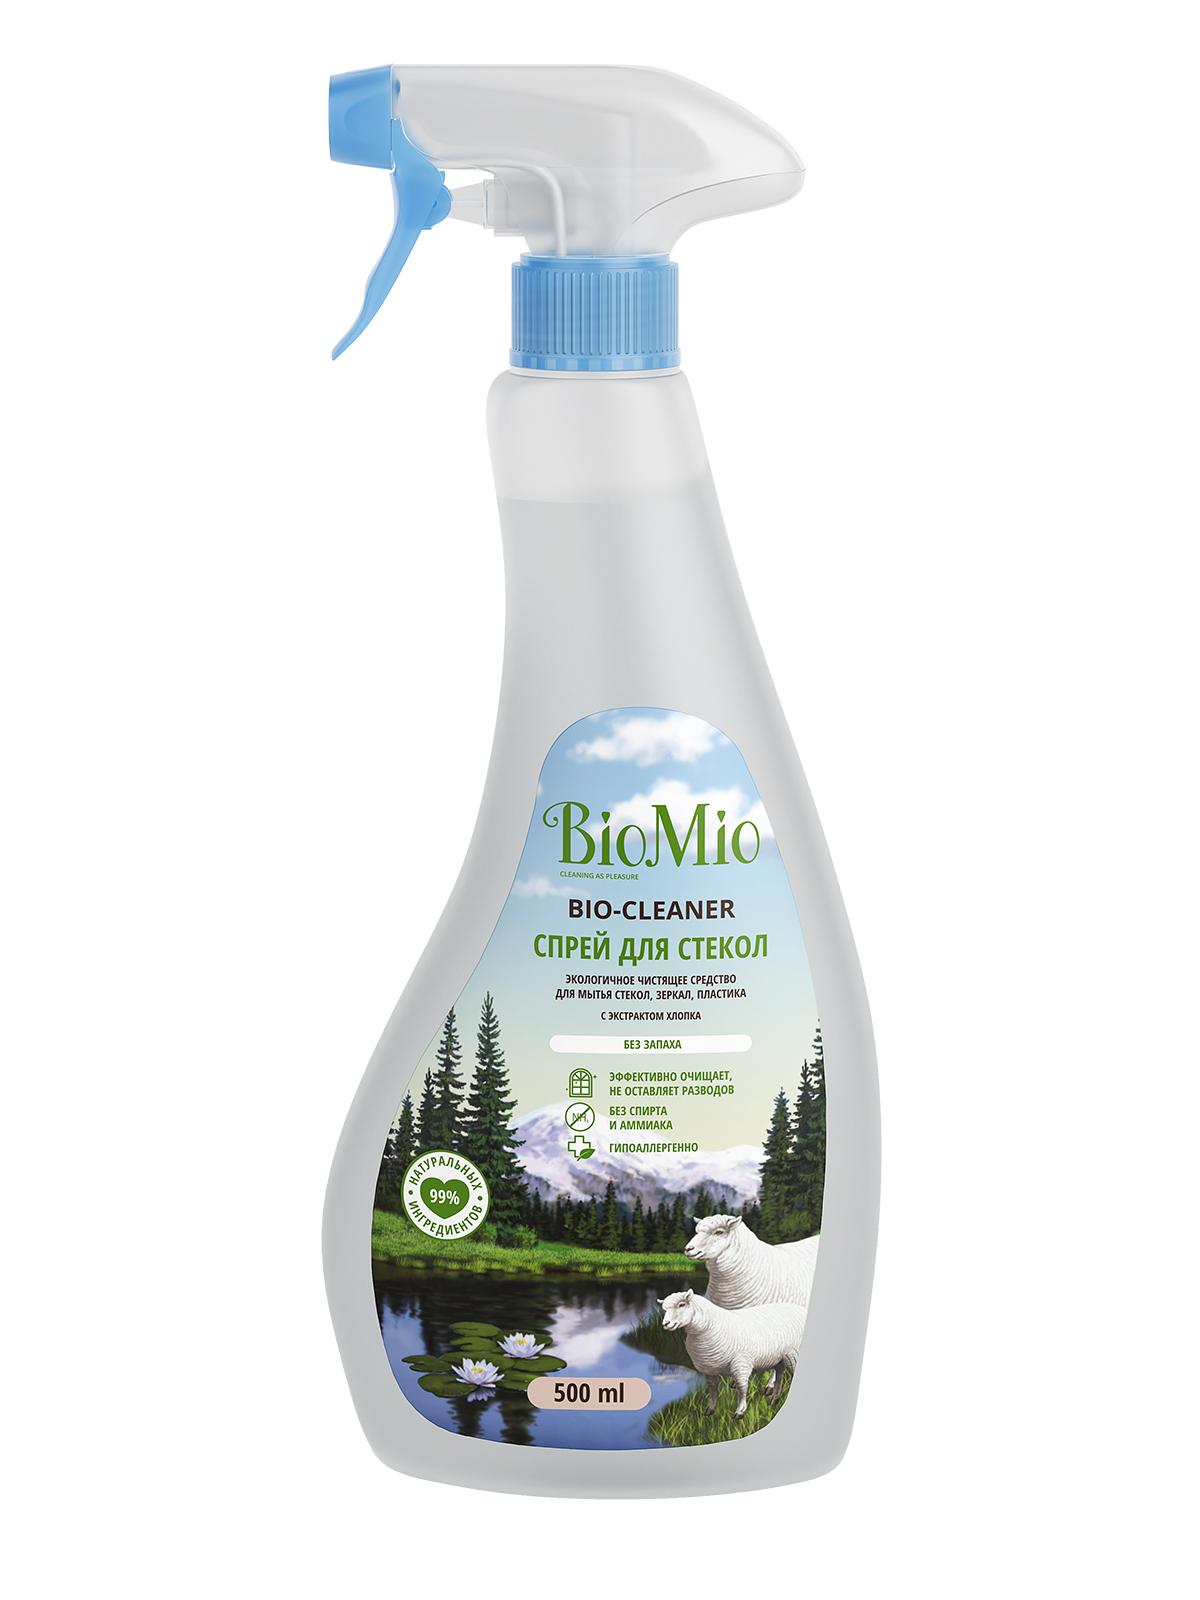 Экологичное чистящее средство BioMio для стекол и зеркал